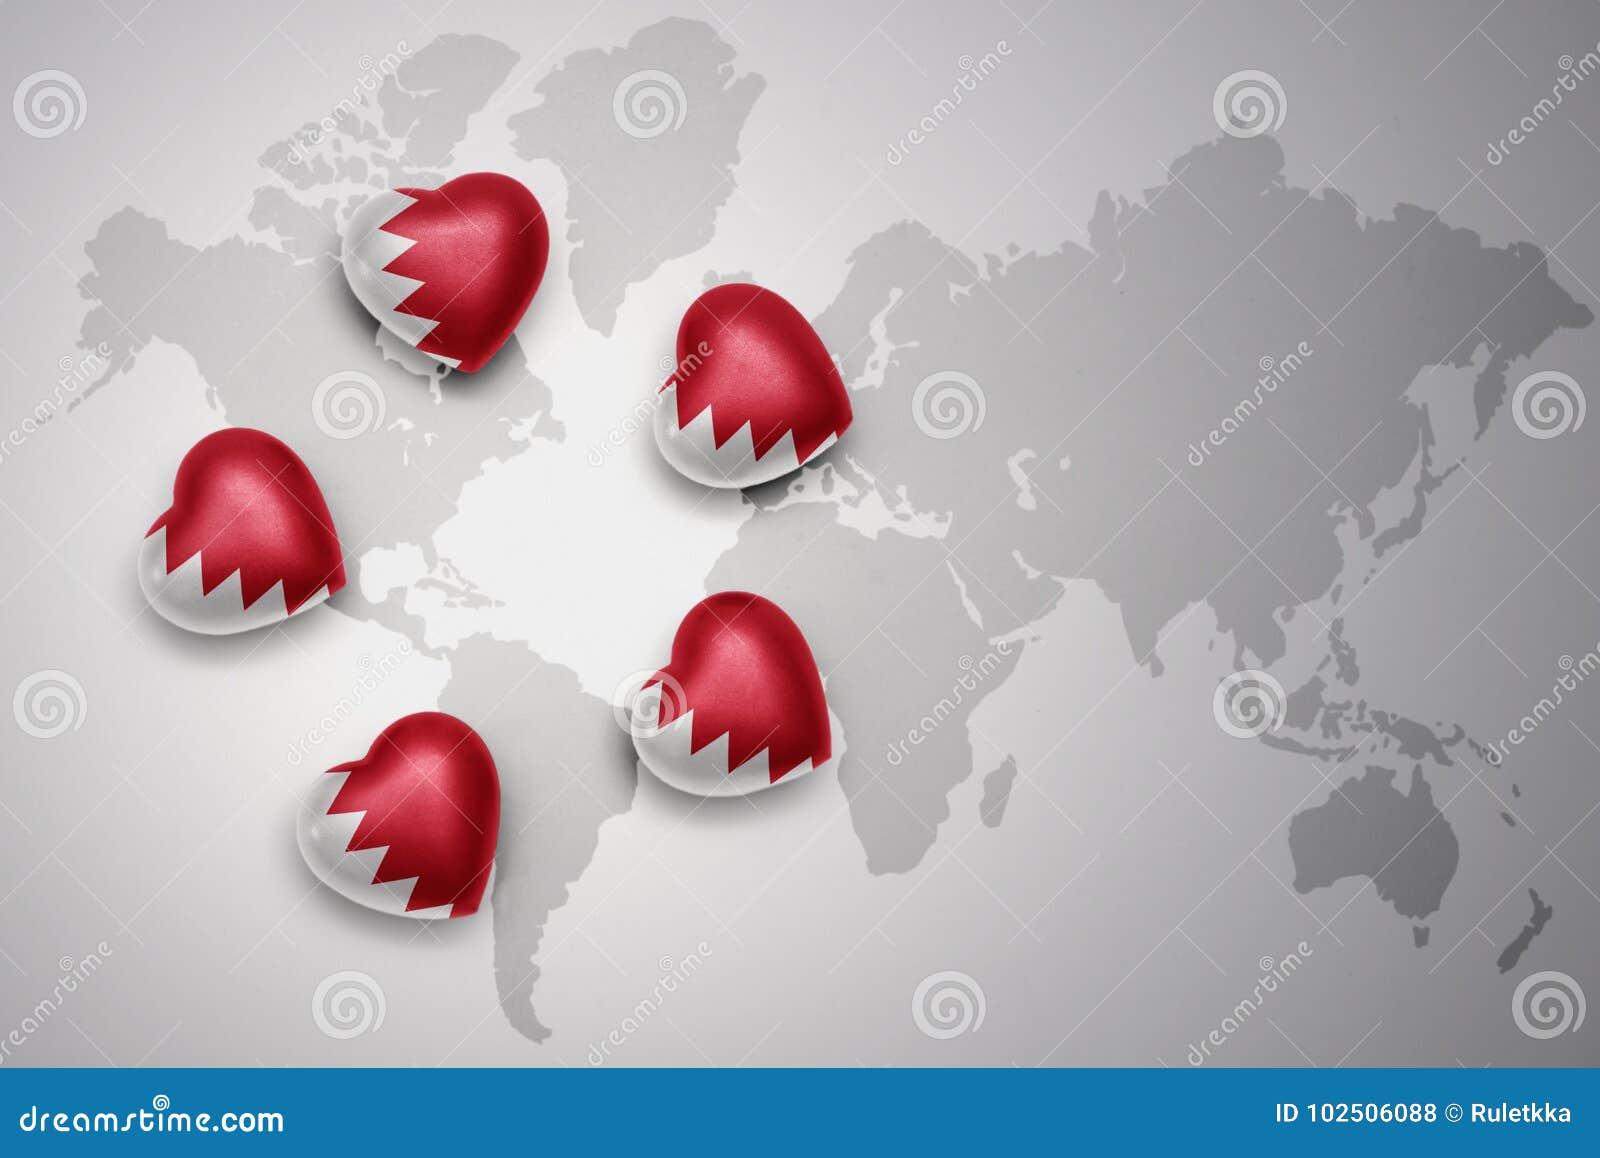 Cinq coeurs avec le drapeau national du Bahrain sur un fond de carte du monde